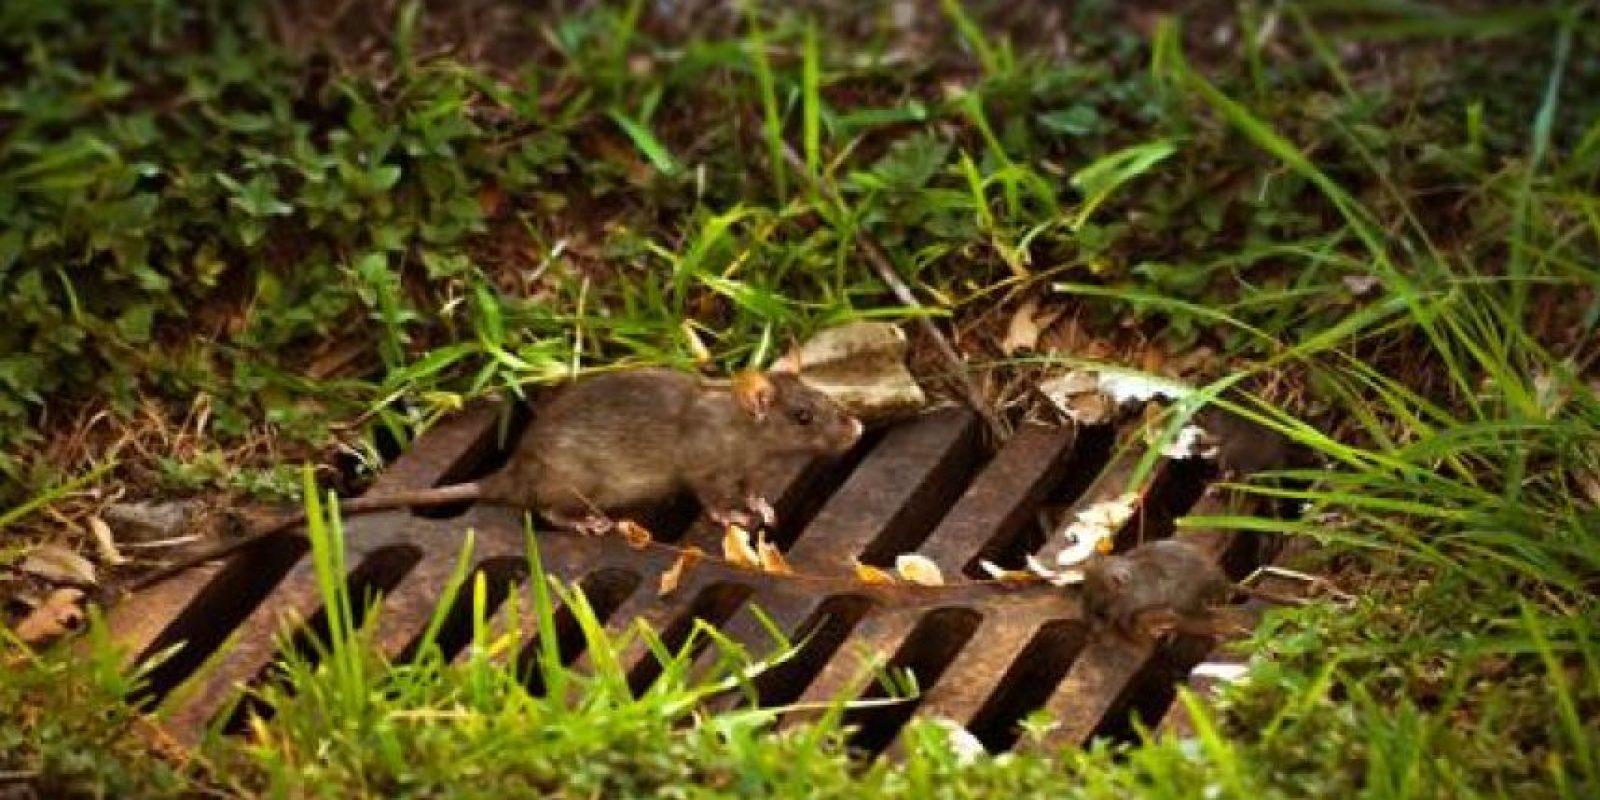 """""""La presencia de estos roedores en gran número presenta problemas sanitarios, estéticos y económicos"""", explicó la alcaldesa de Paris, Anne Hidalgo. Foto:Getty. Imagen Por:"""